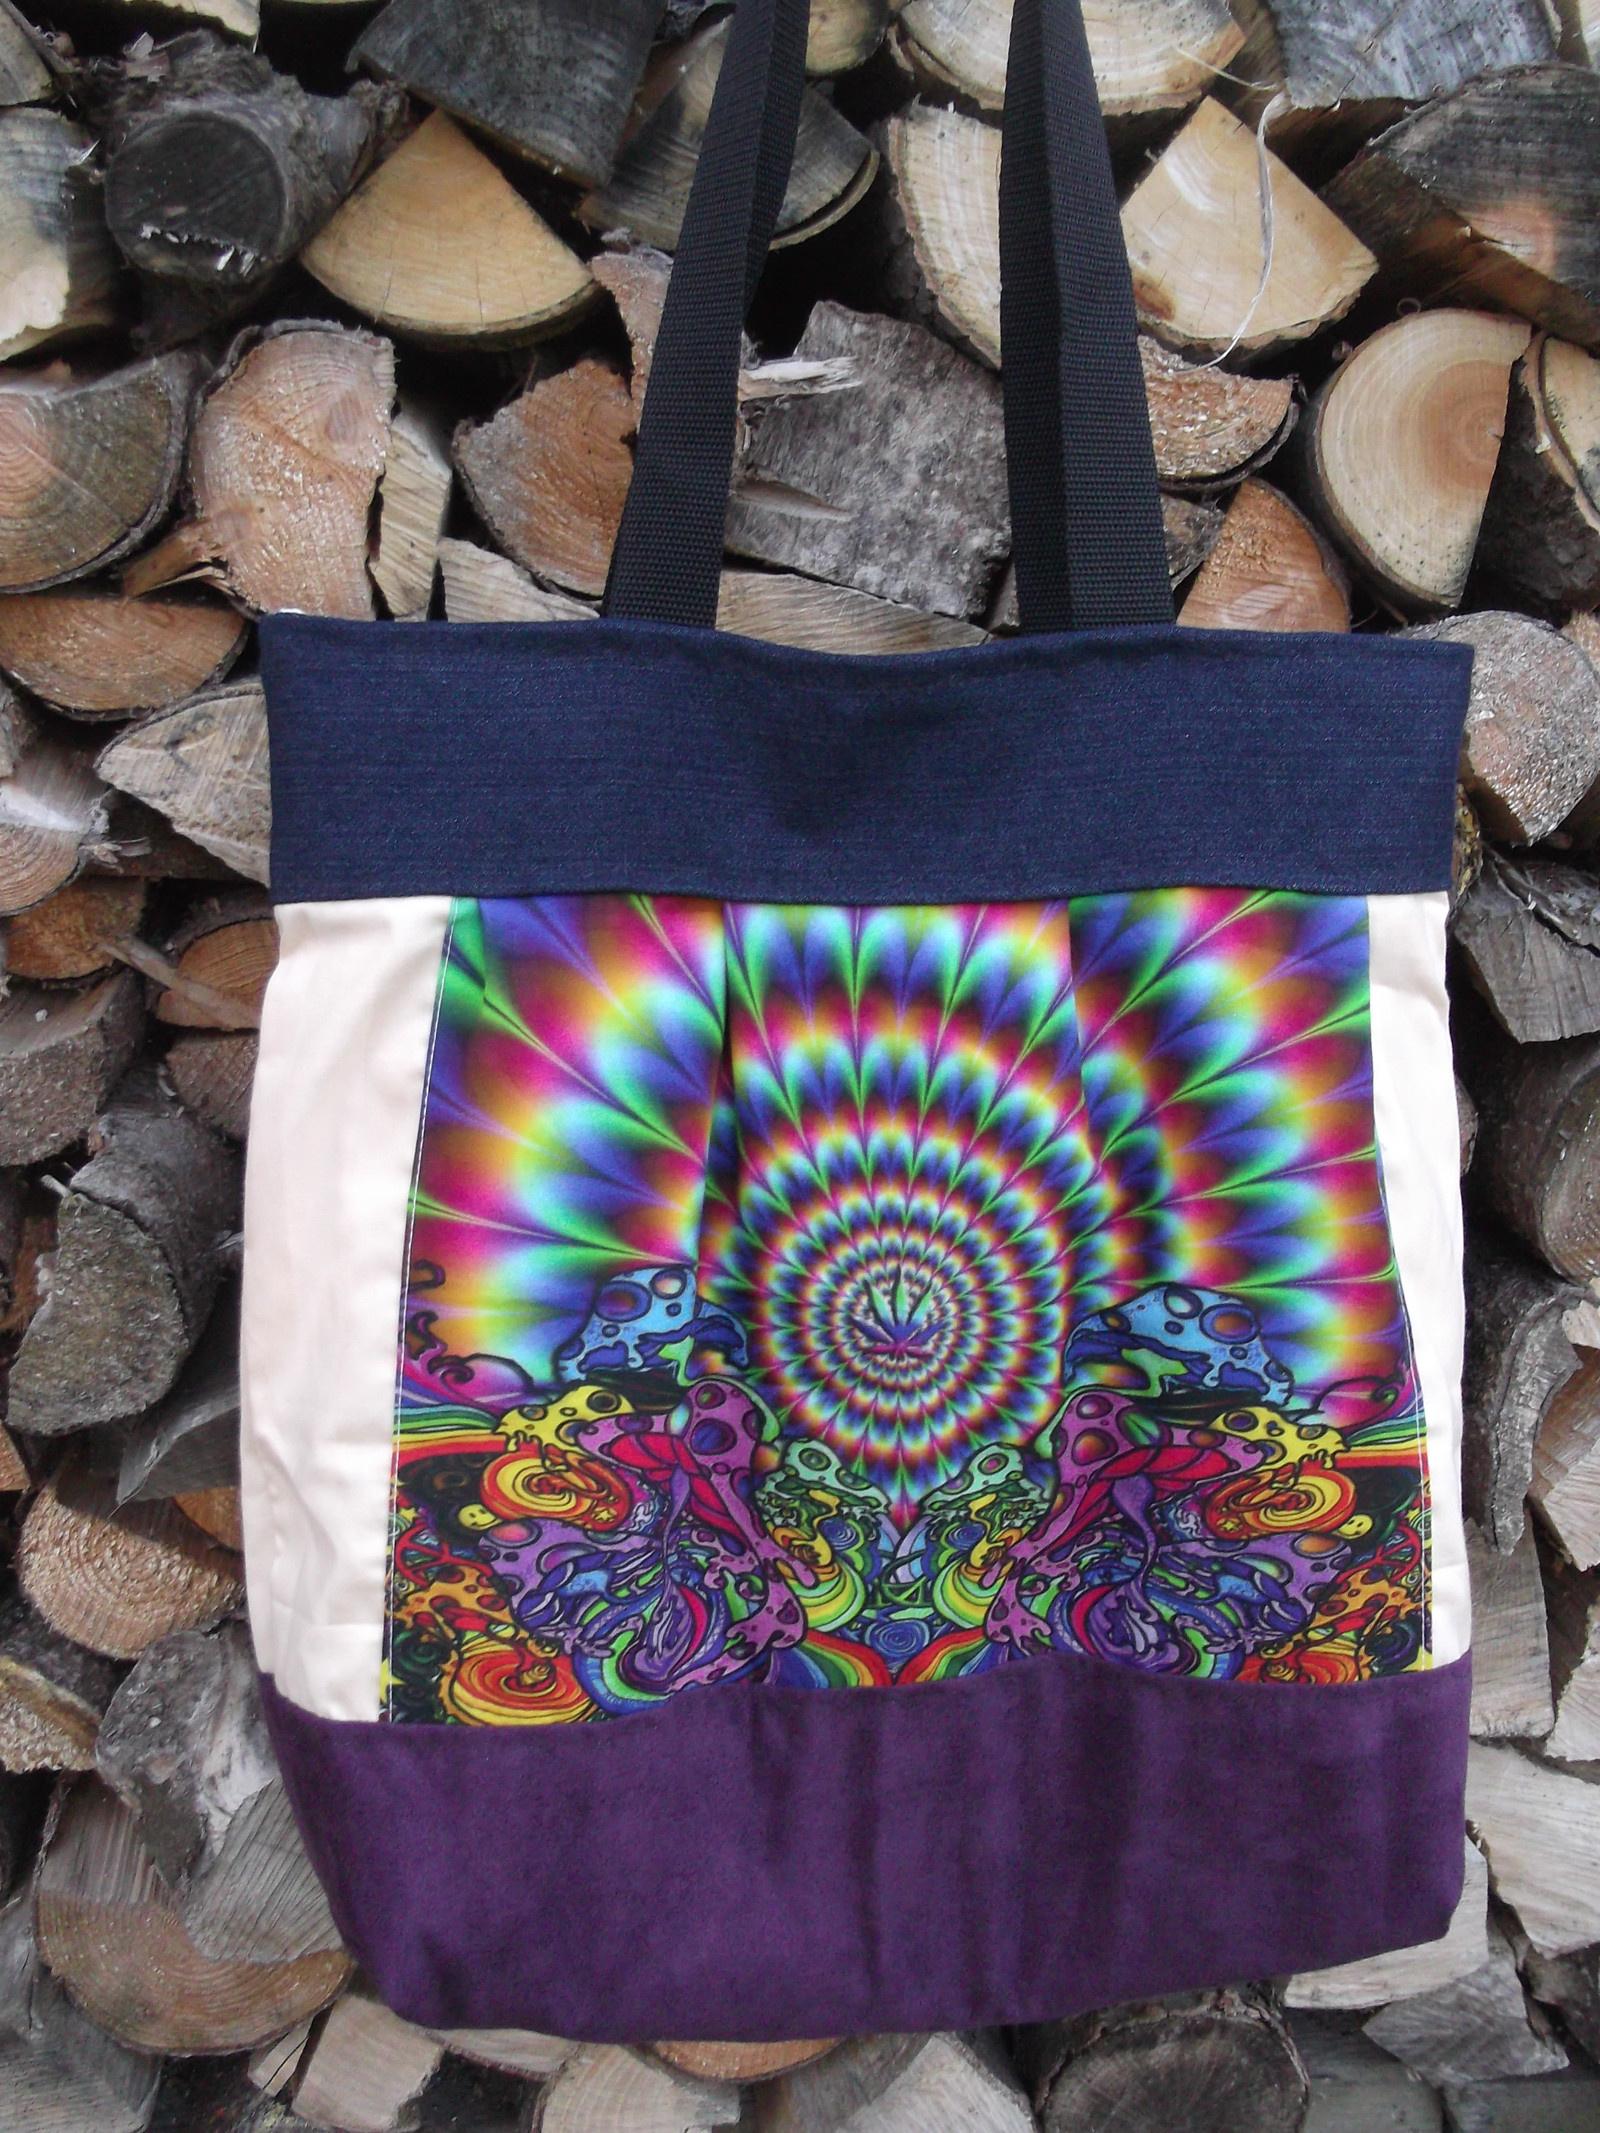 Taška (kabelka) na nákupy bez igelitek   Zboží prodejce galerie plná ... aeb79f1022b